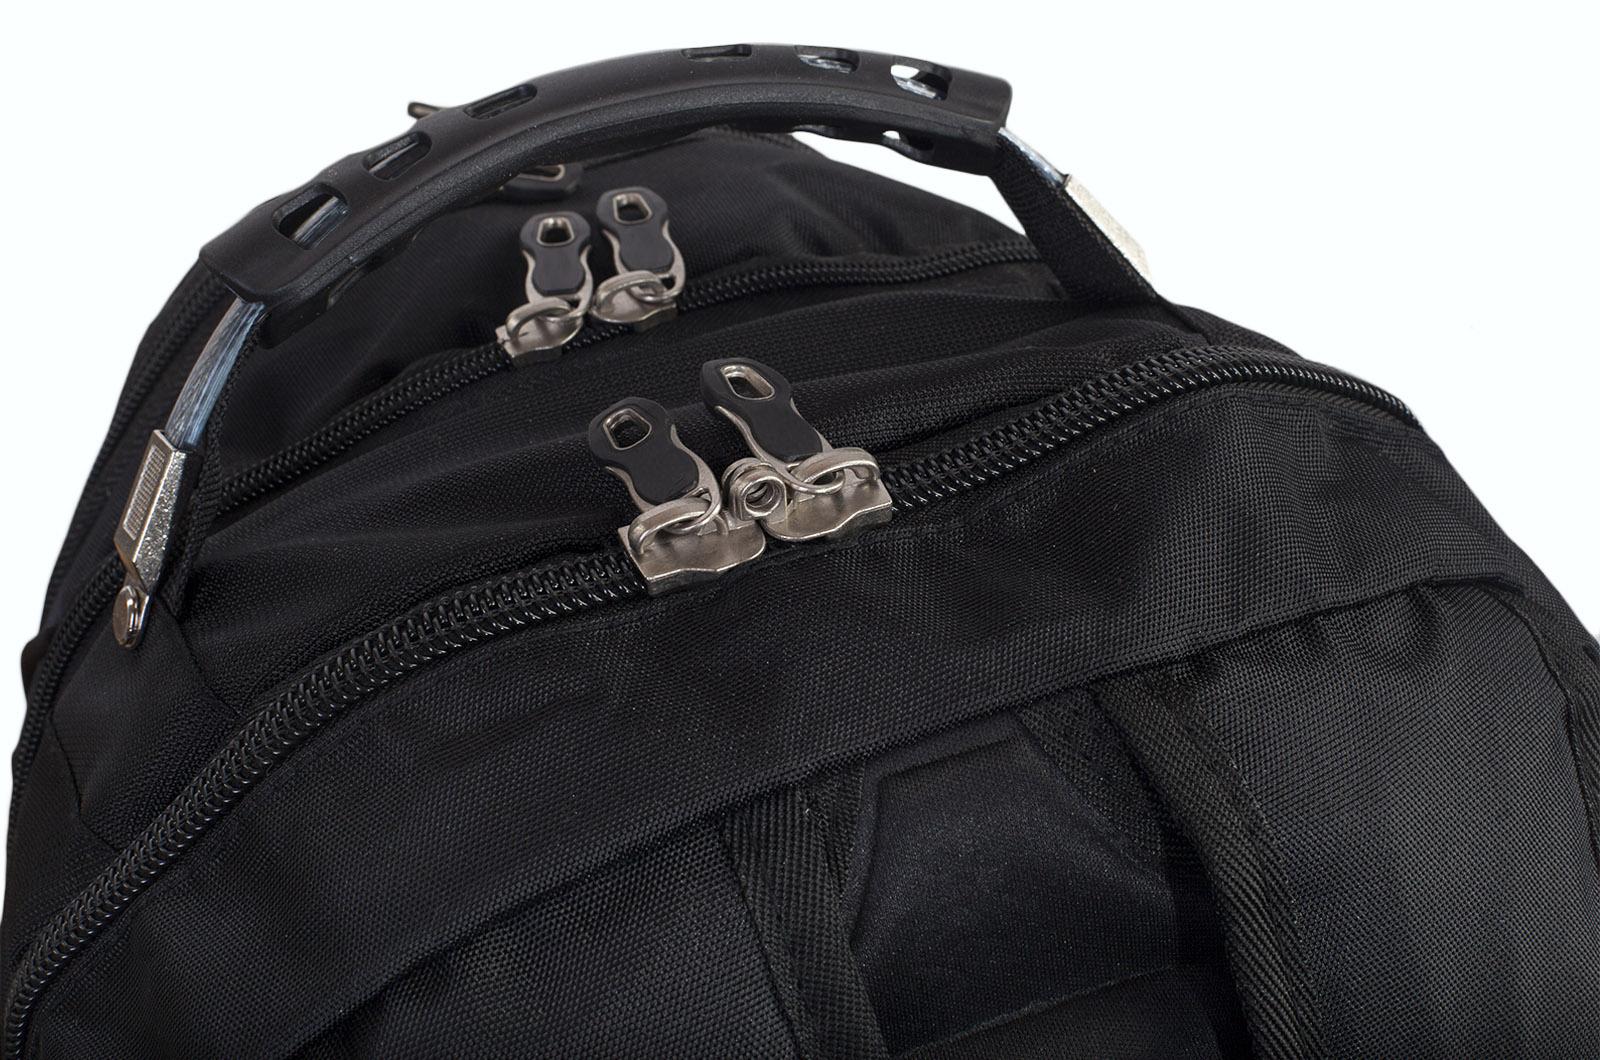 Черный универсальный рюкзак с шевроном РХБЗ купить по лучшей цене